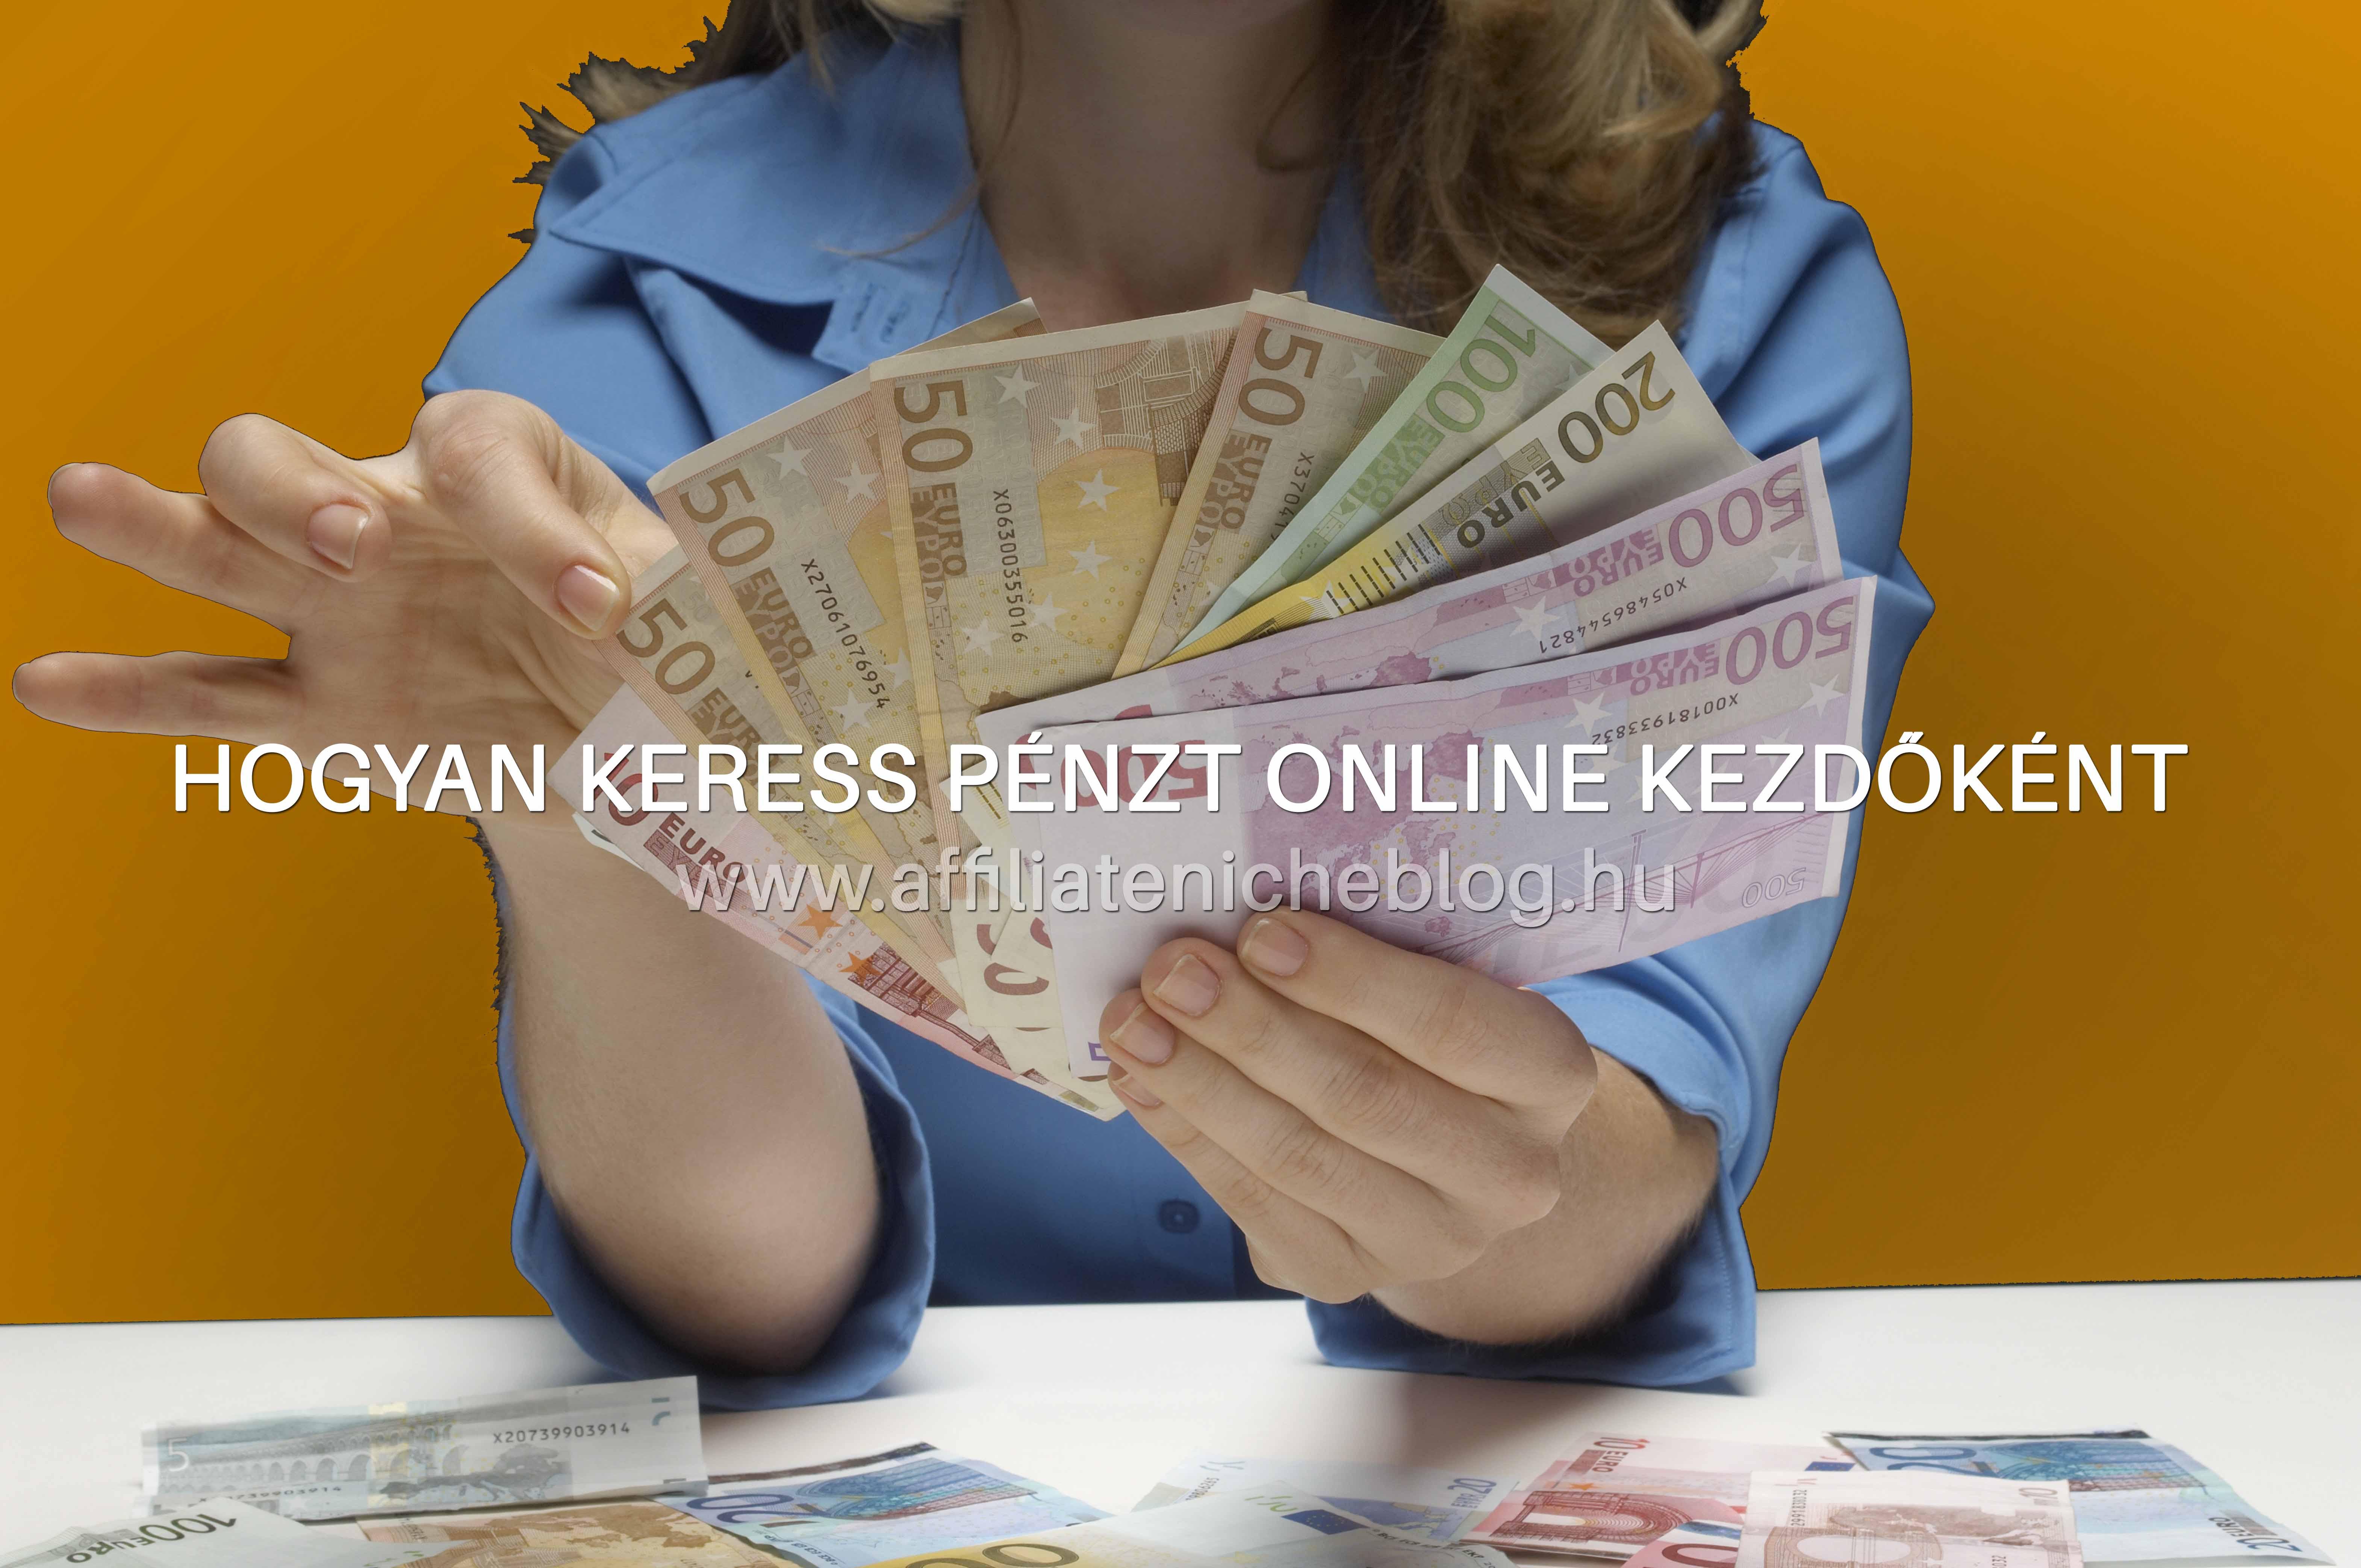 hol lehet online pénzt keresni